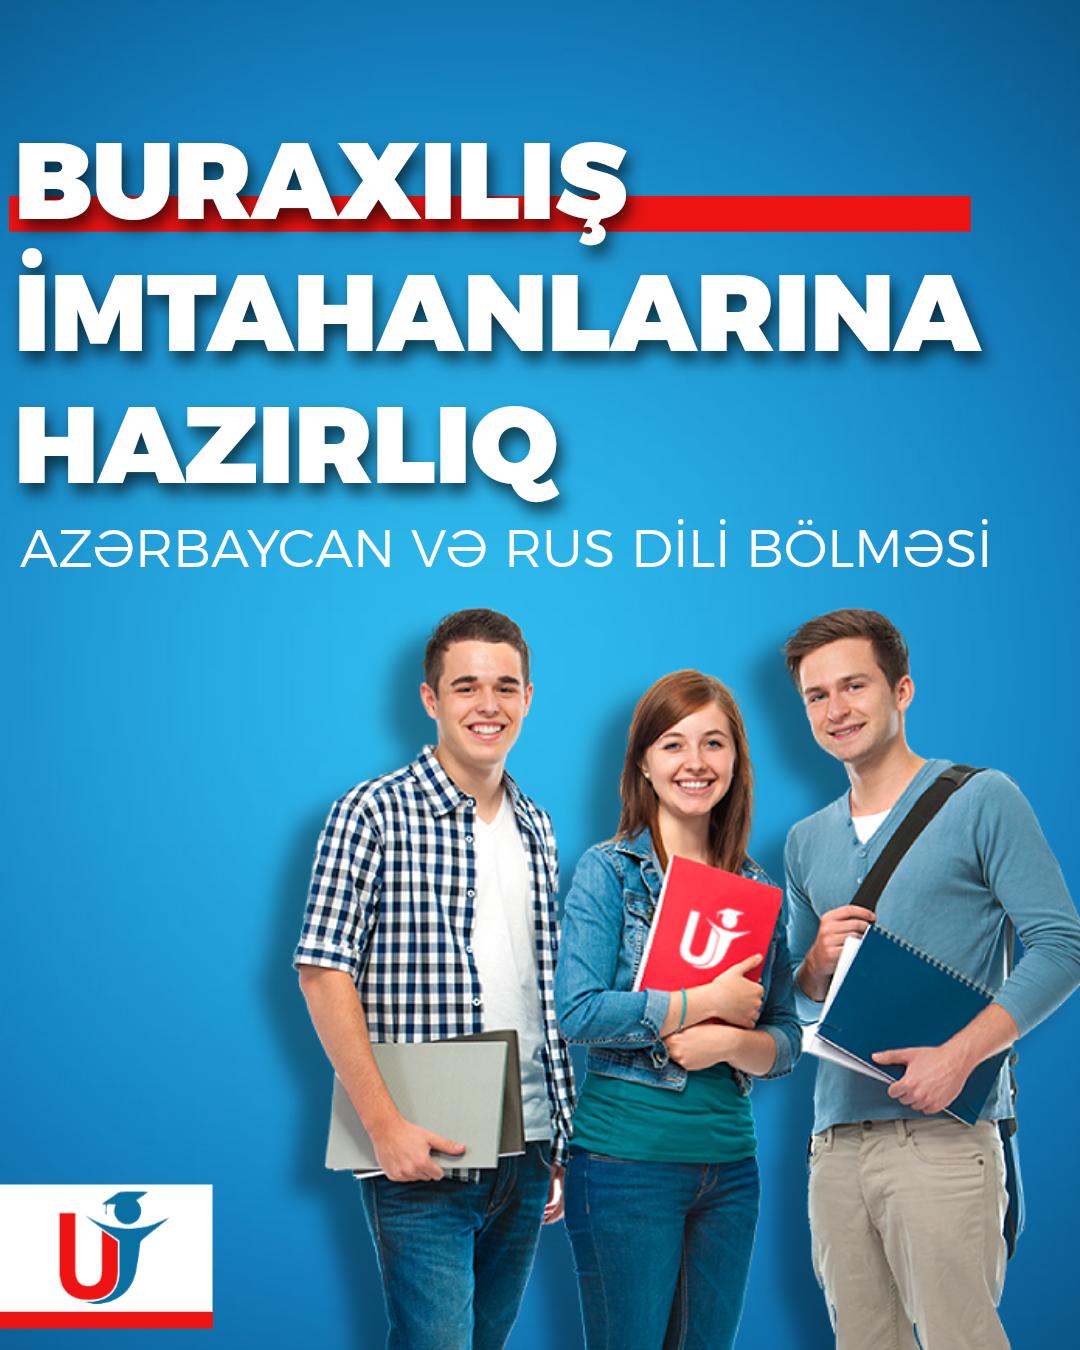 IX-XI Sinifdə təhsil alan şagirdlərin nəzərinə!! 2020-2021